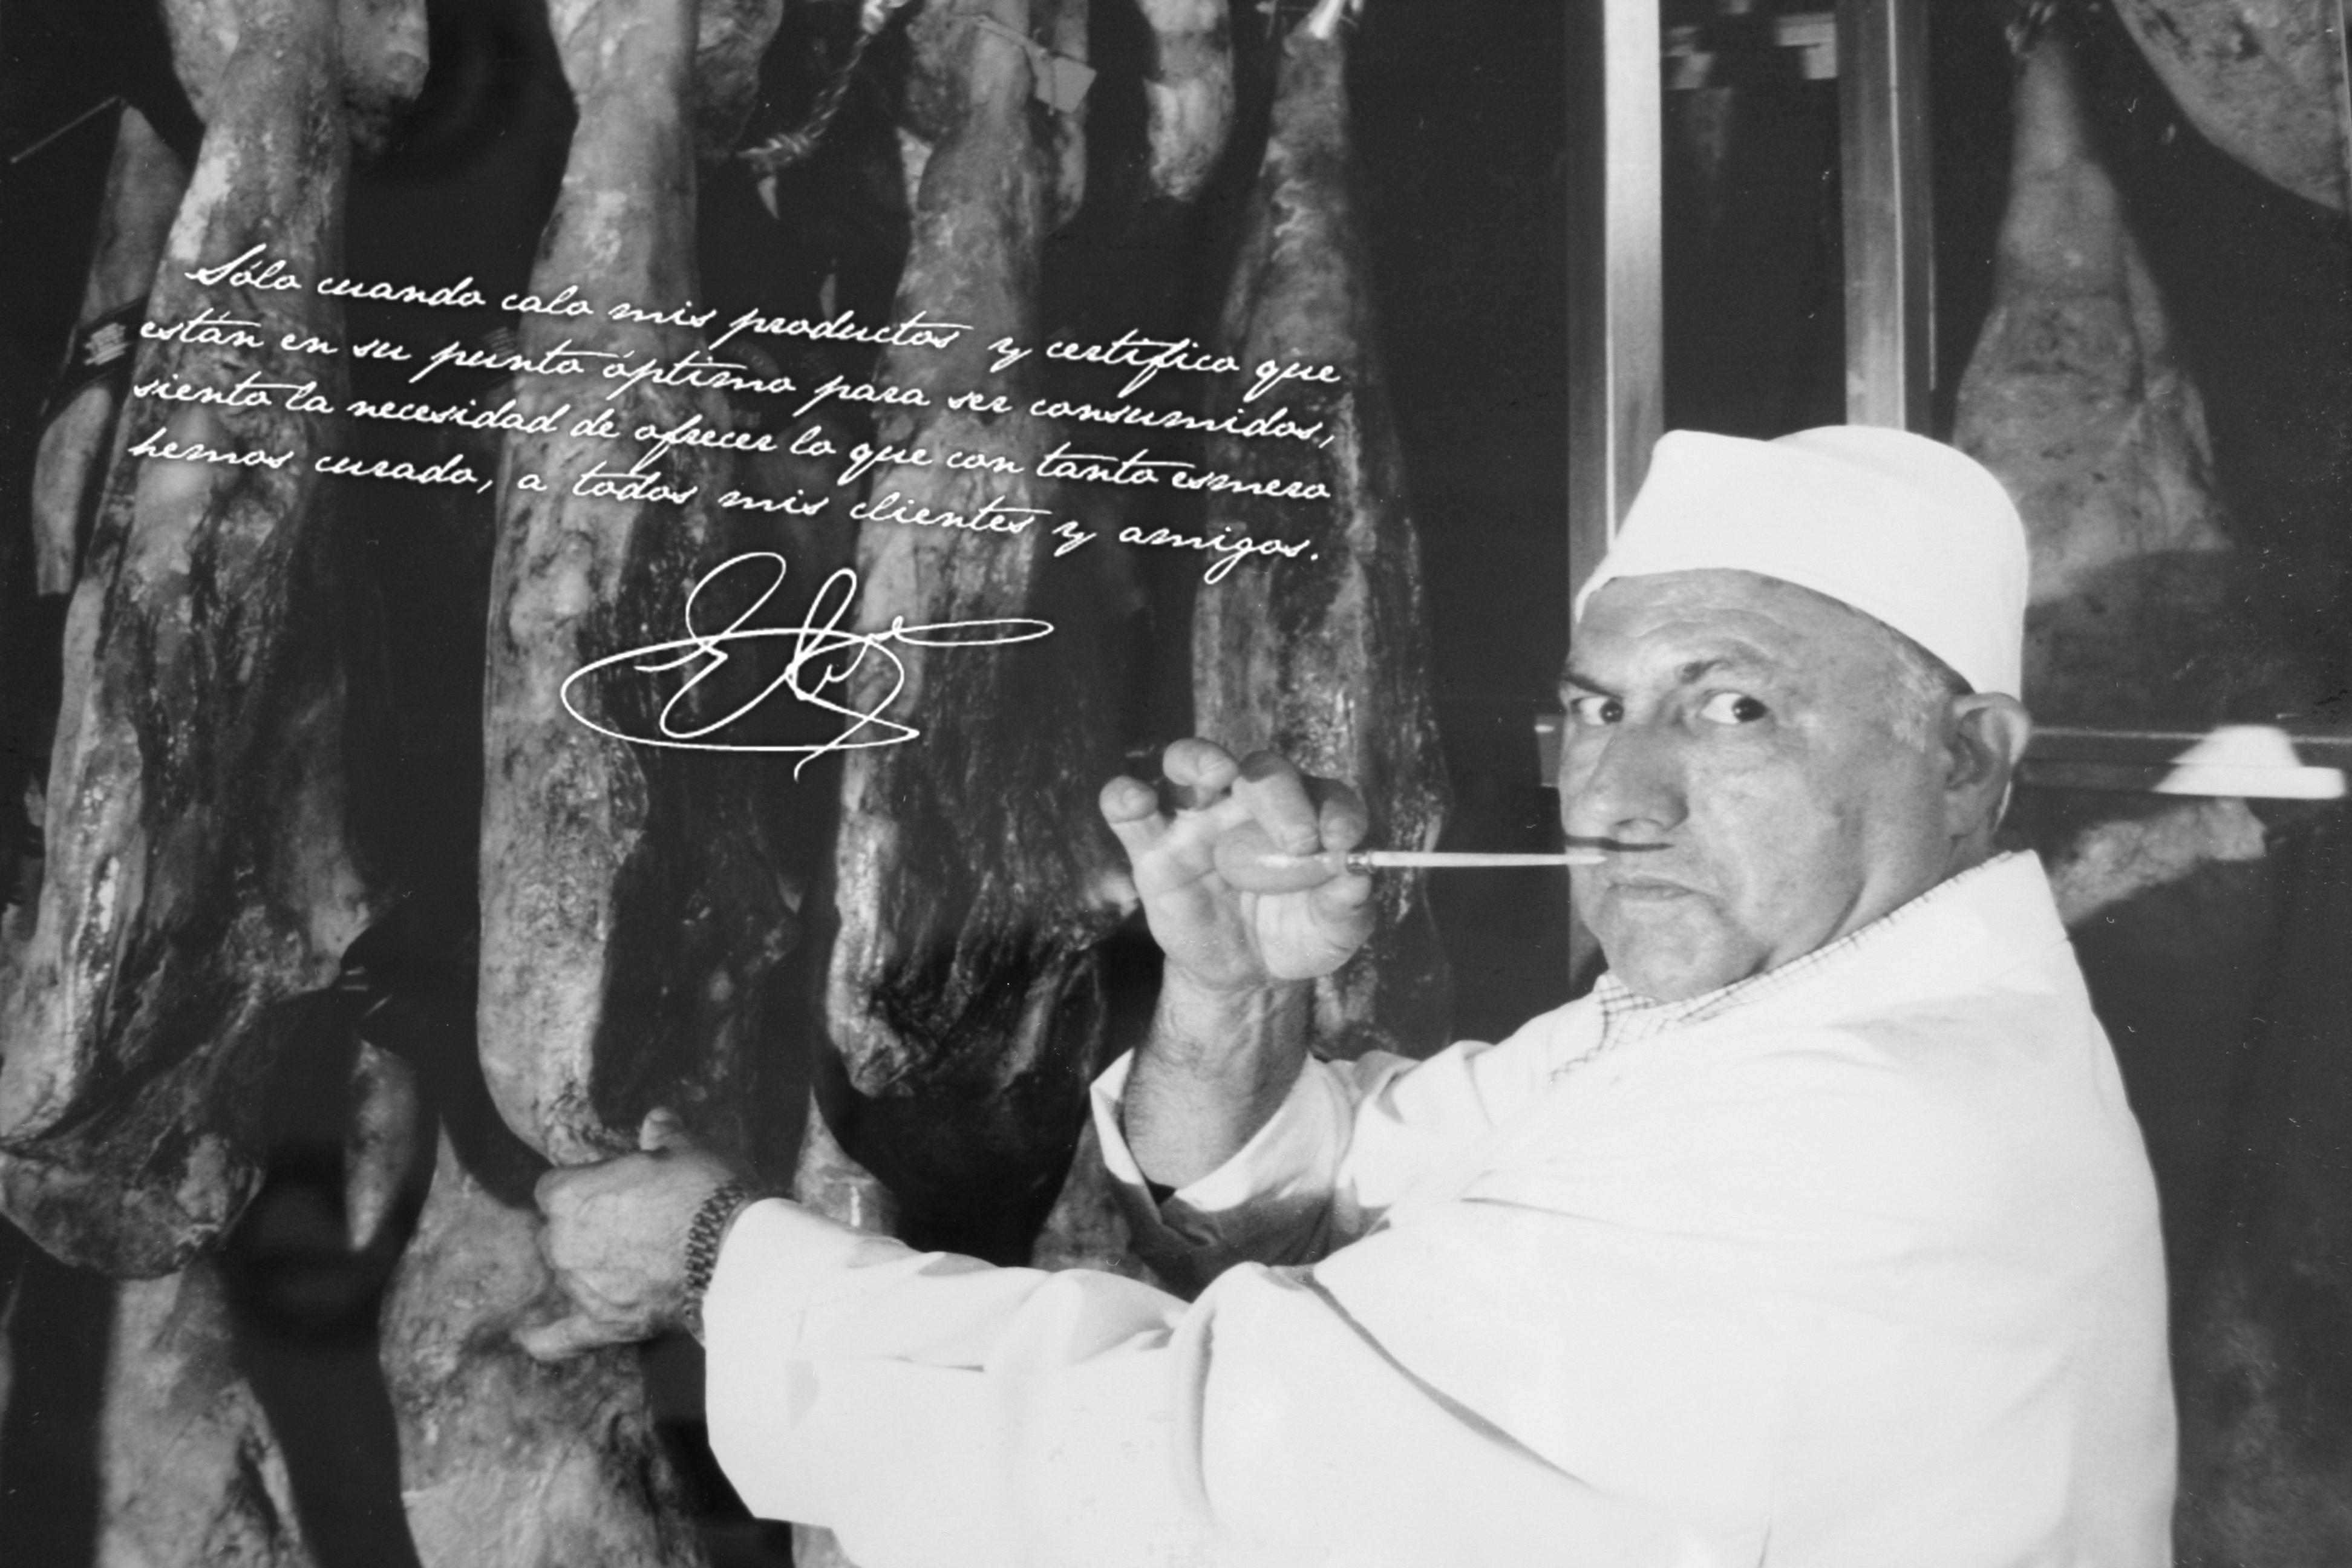 Foto en blanco y negro de Elier Ballesteros padre con su mensaje y firma